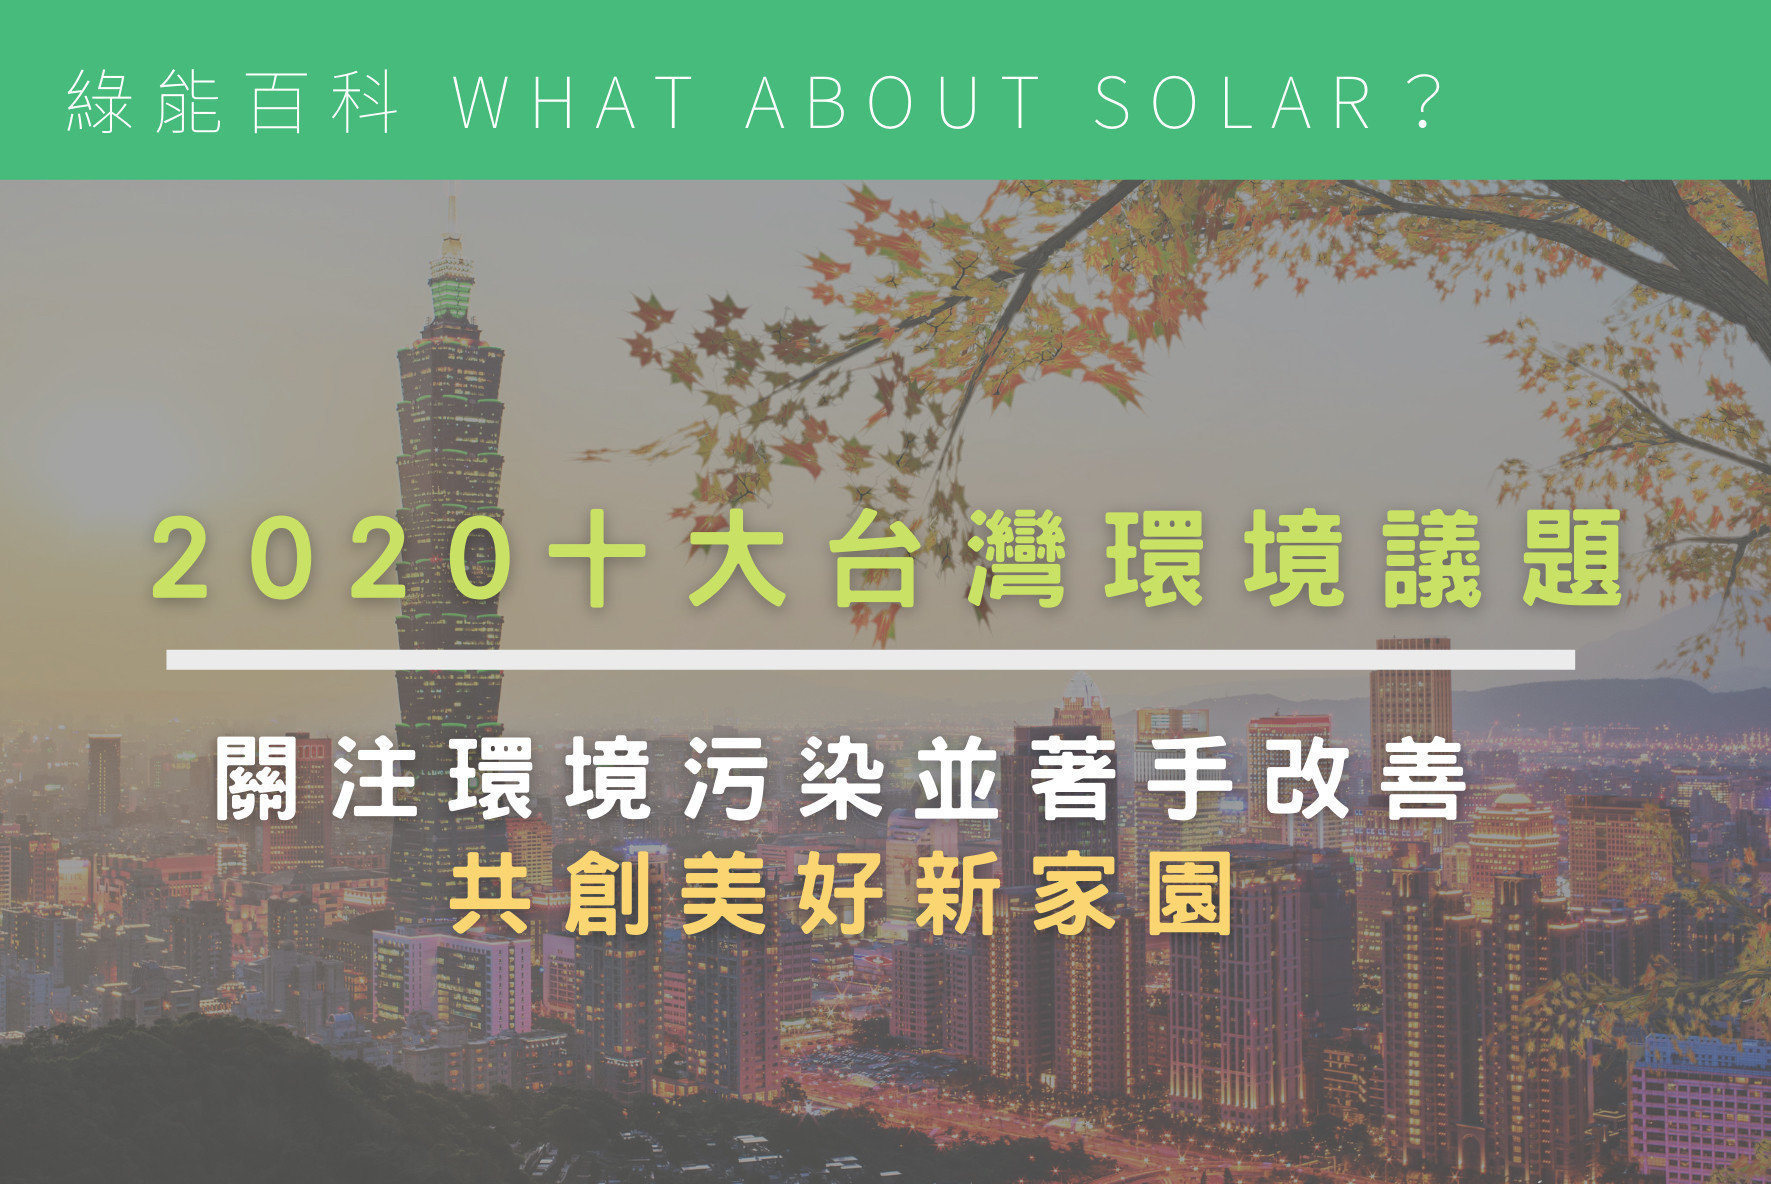 2020十大台灣環境議題|關注環境污染並著手改善,共創美好新家園